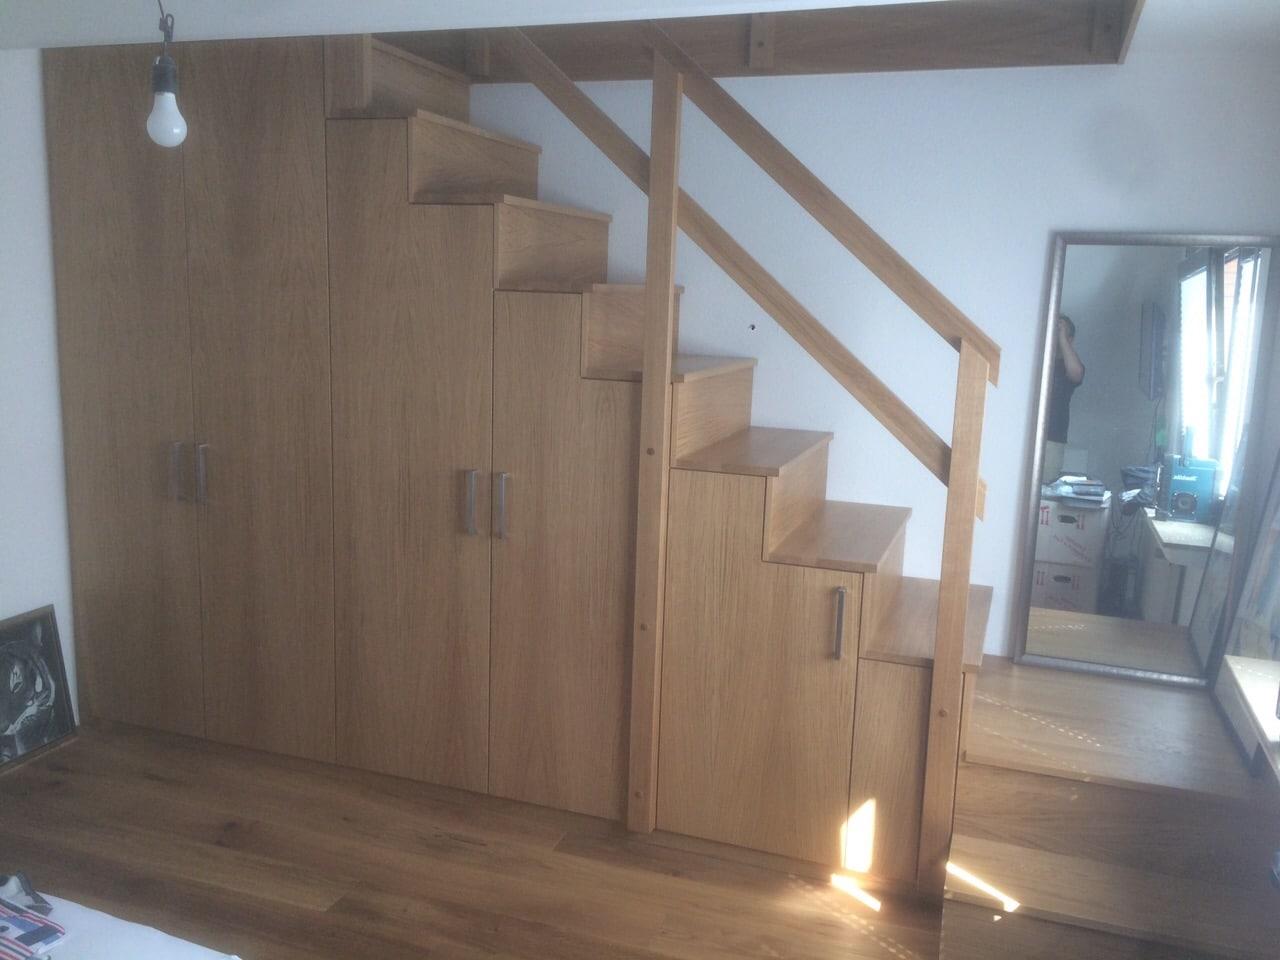 treppenschrank in eiche furniert und massiv naturlackiert tischlermeister philip sp th in. Black Bedroom Furniture Sets. Home Design Ideas